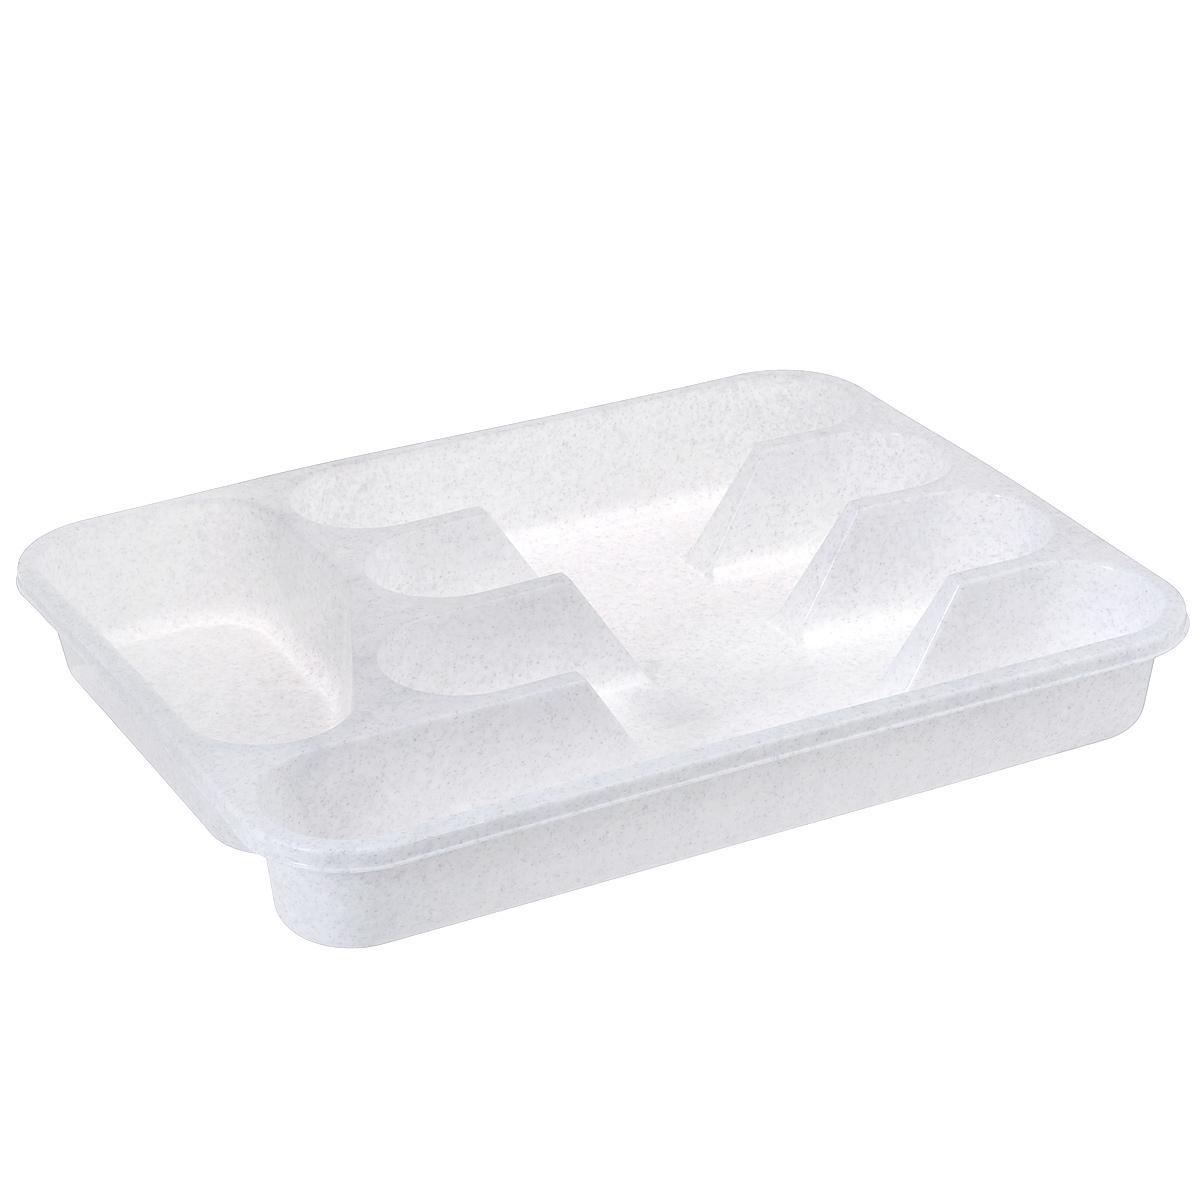 Лоток для столовых приборов Idea, цвет: мраморный, 33 х 26 смVT-1520(SR)Лоток для столовых приборов Idea изготовлен из прочного пластика. Изделие имеет 3 одинаковых секции для столовых ложек, вилок и ножей, секцию для чайных ложек и длинную секцию для различных кухонных принадлежностей. Лоток помещается в любой кухонный ящик.